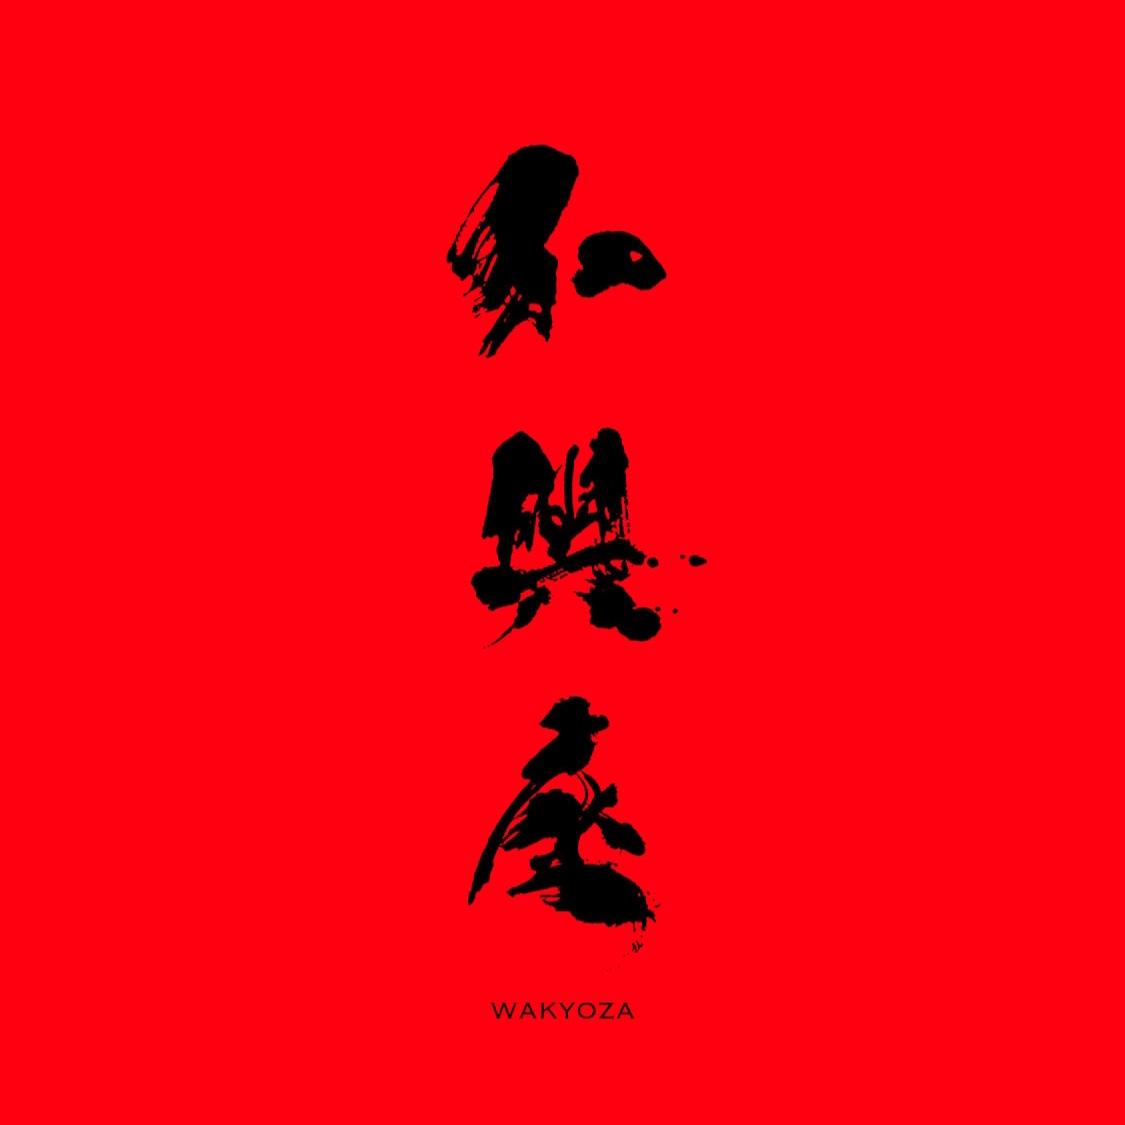 和興座-WAKYOZA-